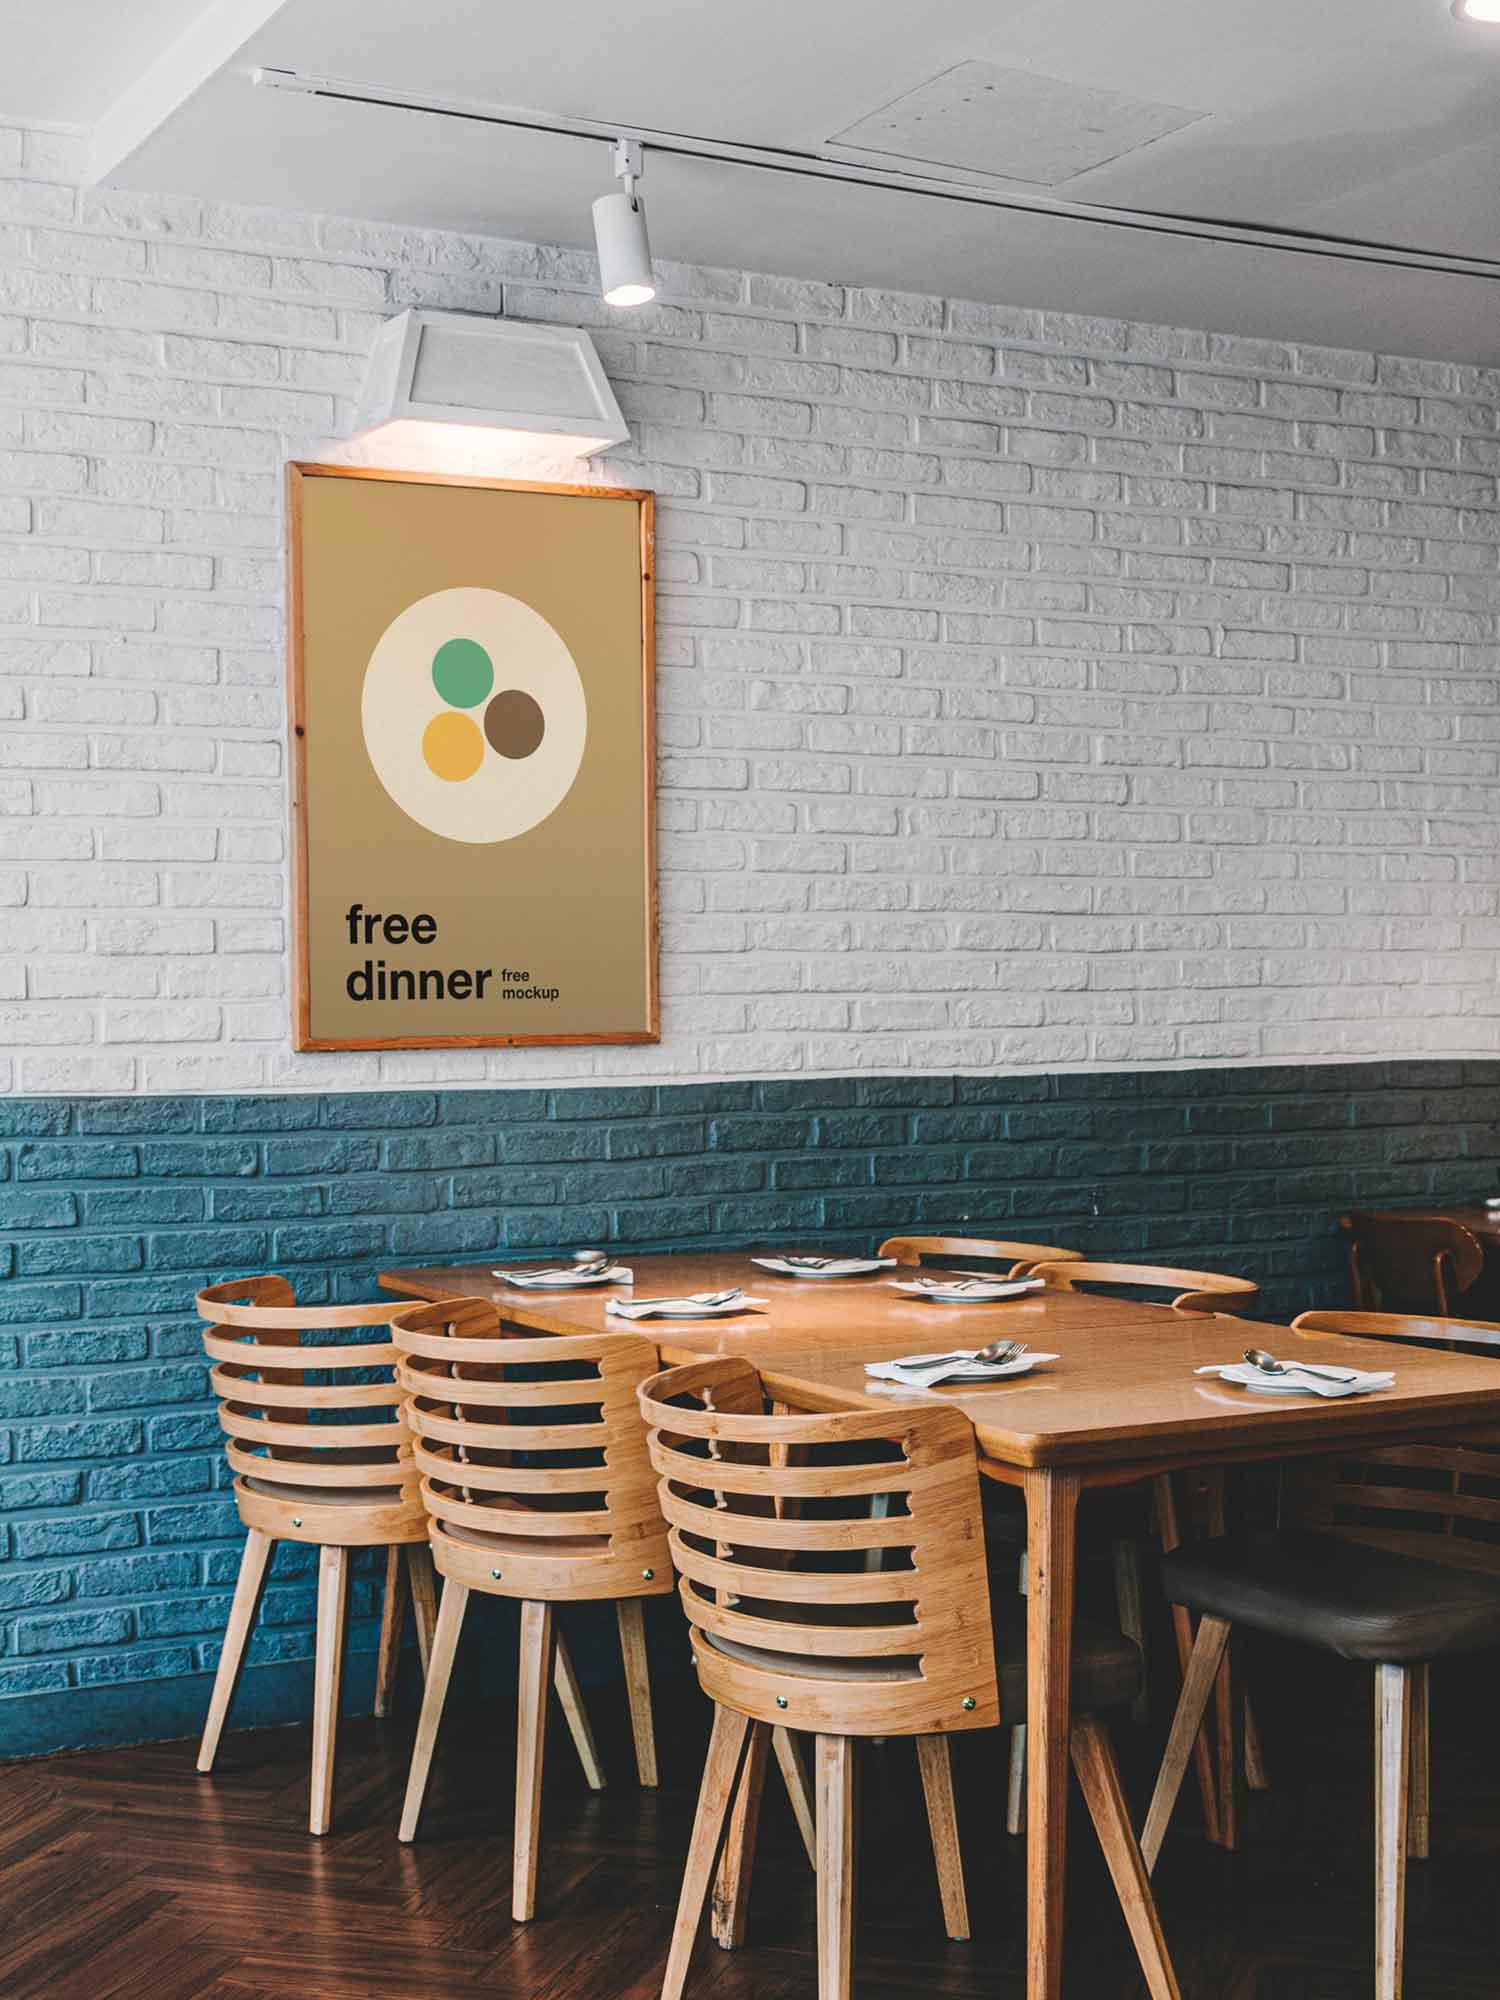 Poster in Restaurant Mockup